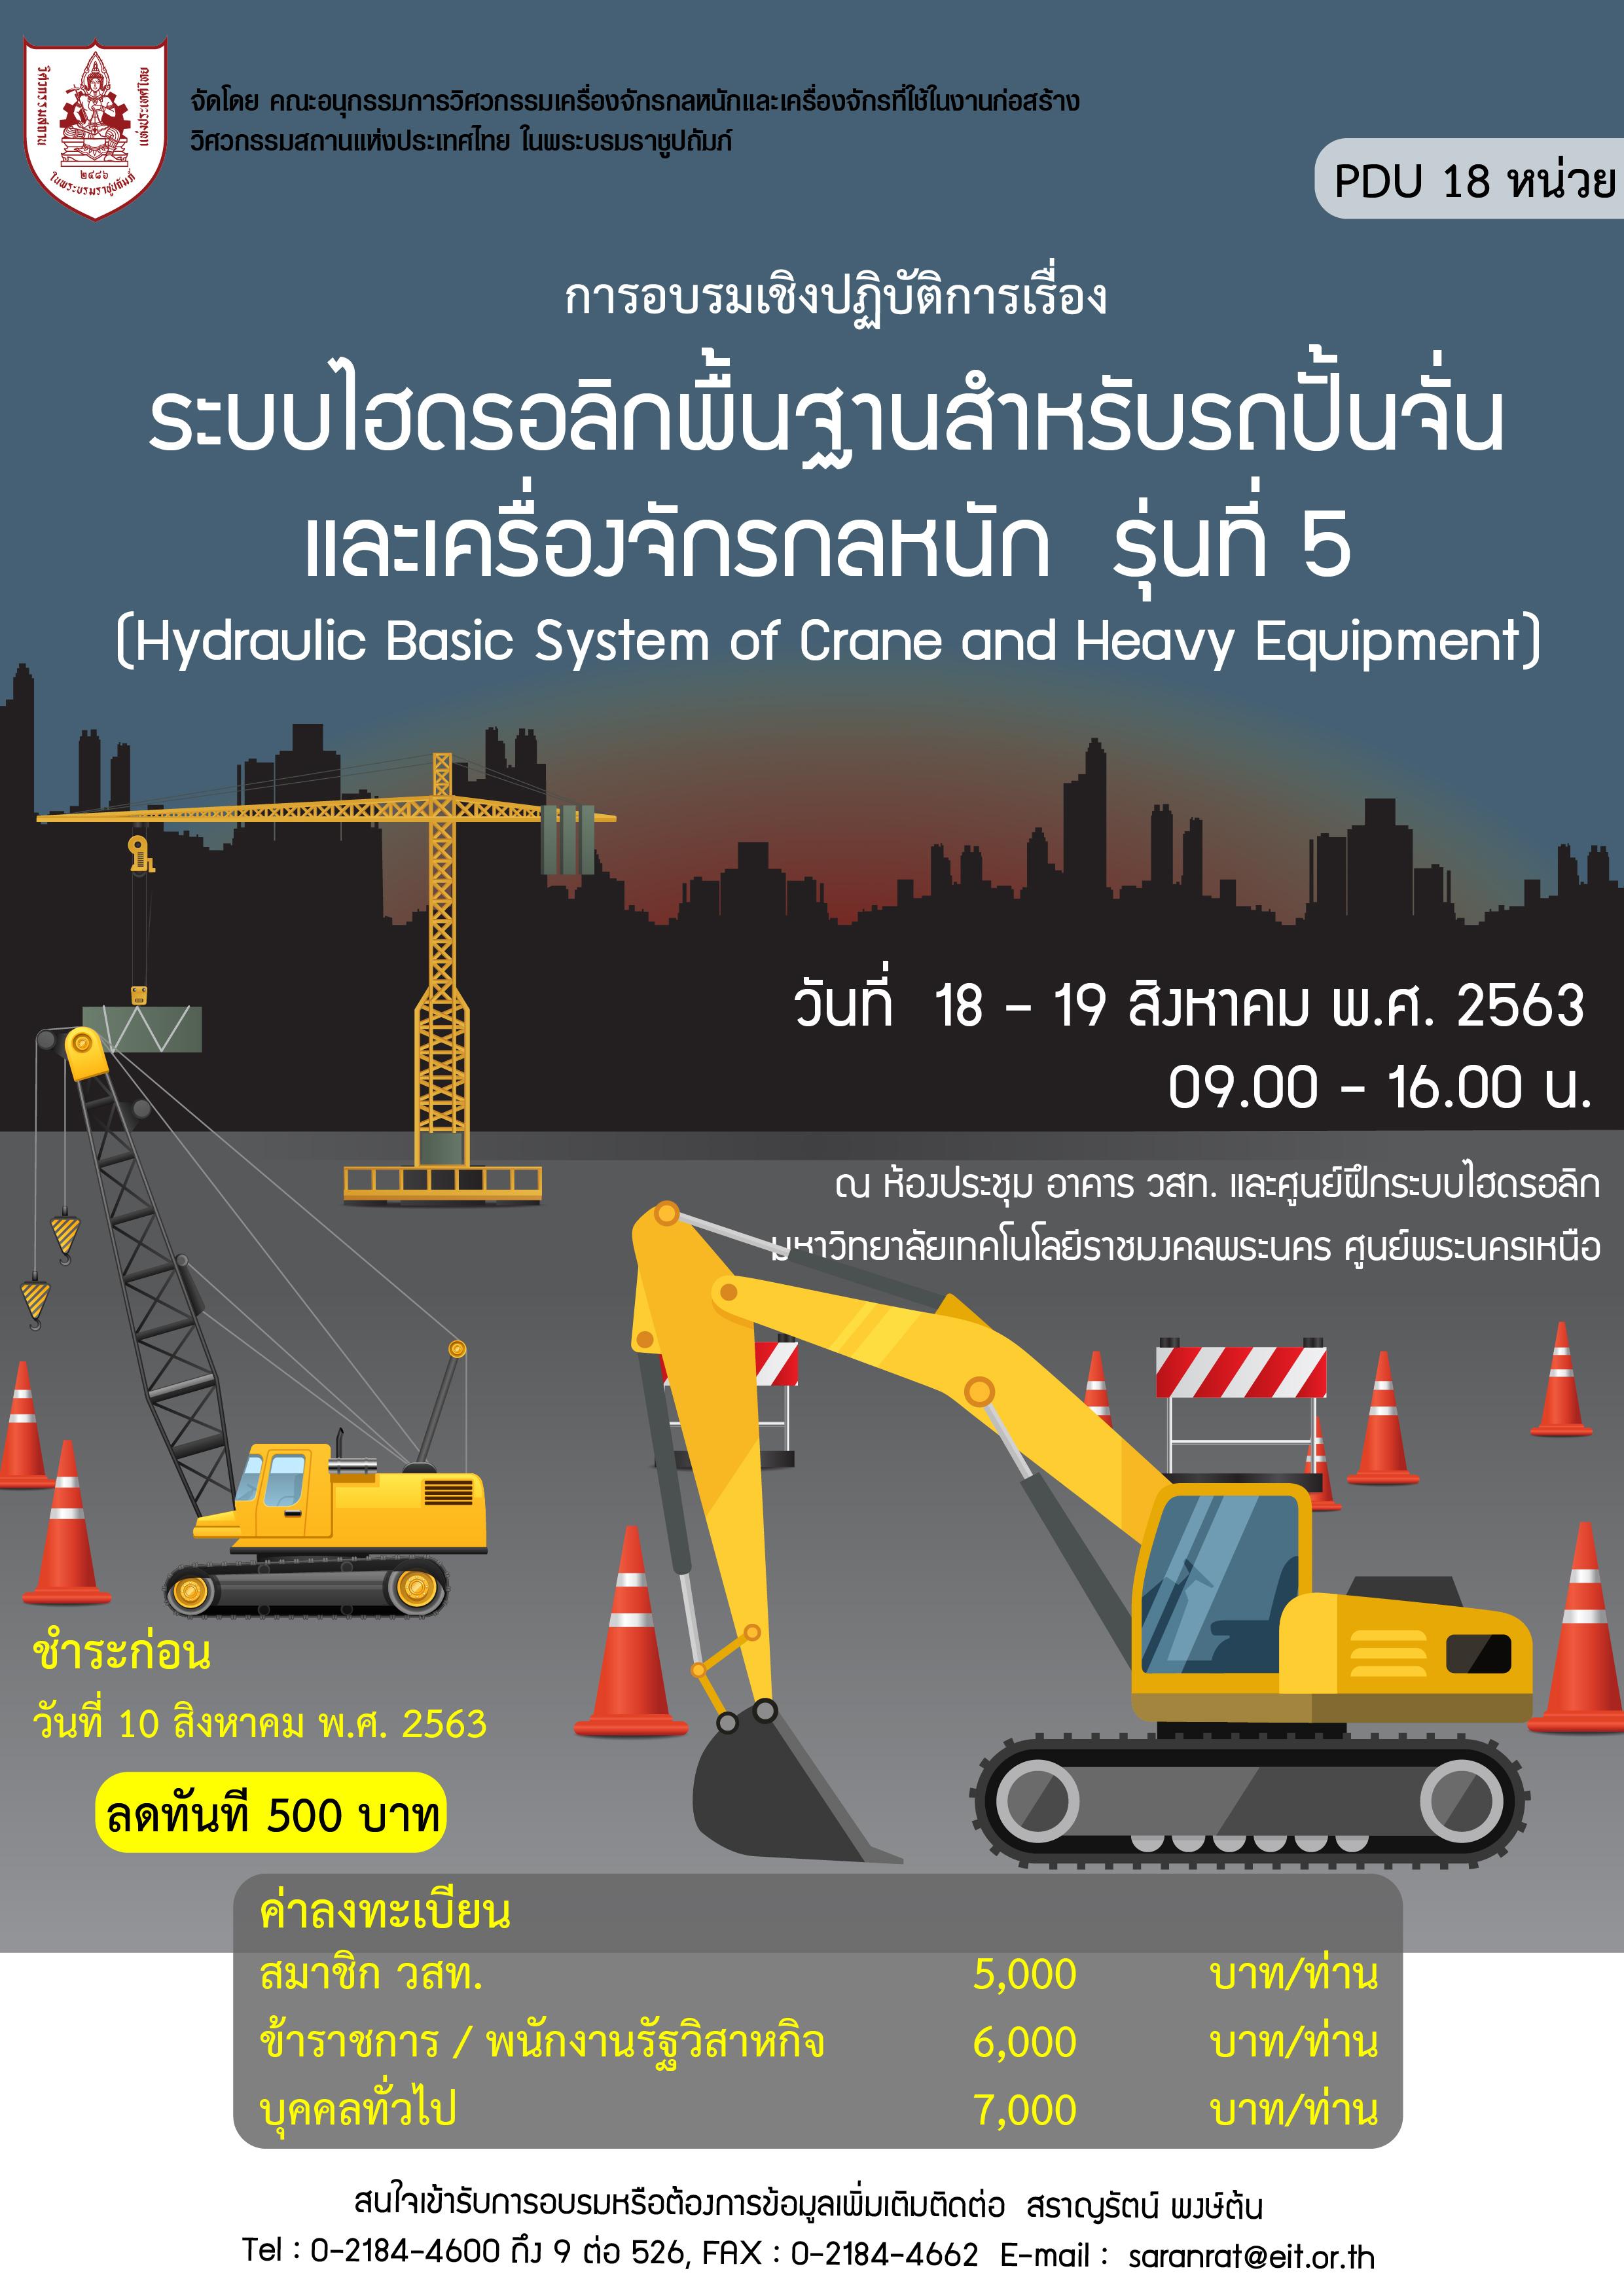 18-19/08/2563 การอบรมเชิงปฏิบัติการเรื่อง ระบบไฮดรอลิกพื้นฐานสำหรับรถปั้นจั่นและเครื่องจักรกลหนัก (Hydraulic Basic System of Crane and Heavy Equipment)  รุ่นที่ 5